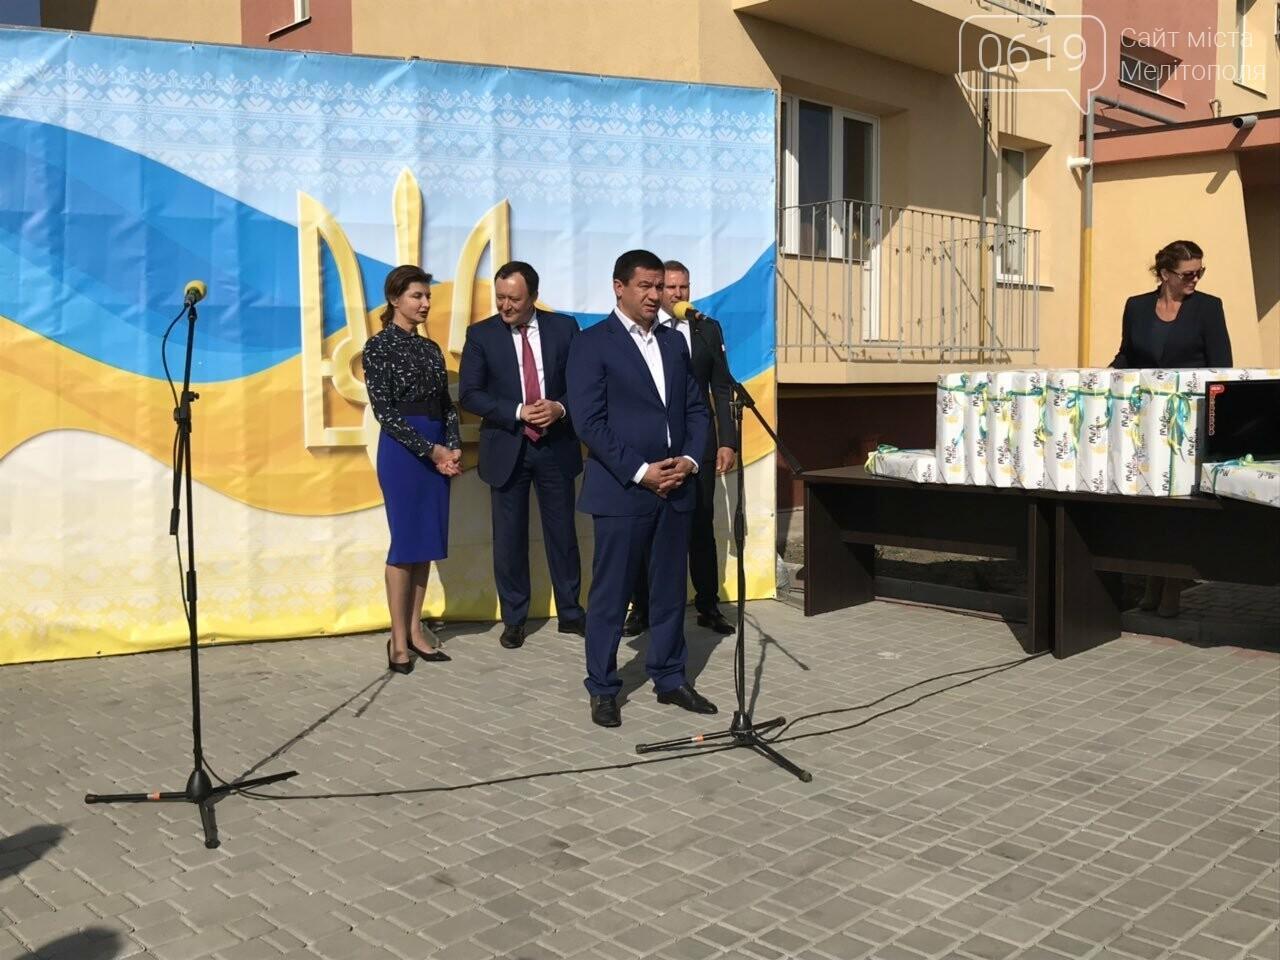 Супруга Президента вручила мелитопольским сиротам ключи от квартир , фото-1, Фото сайта 0619